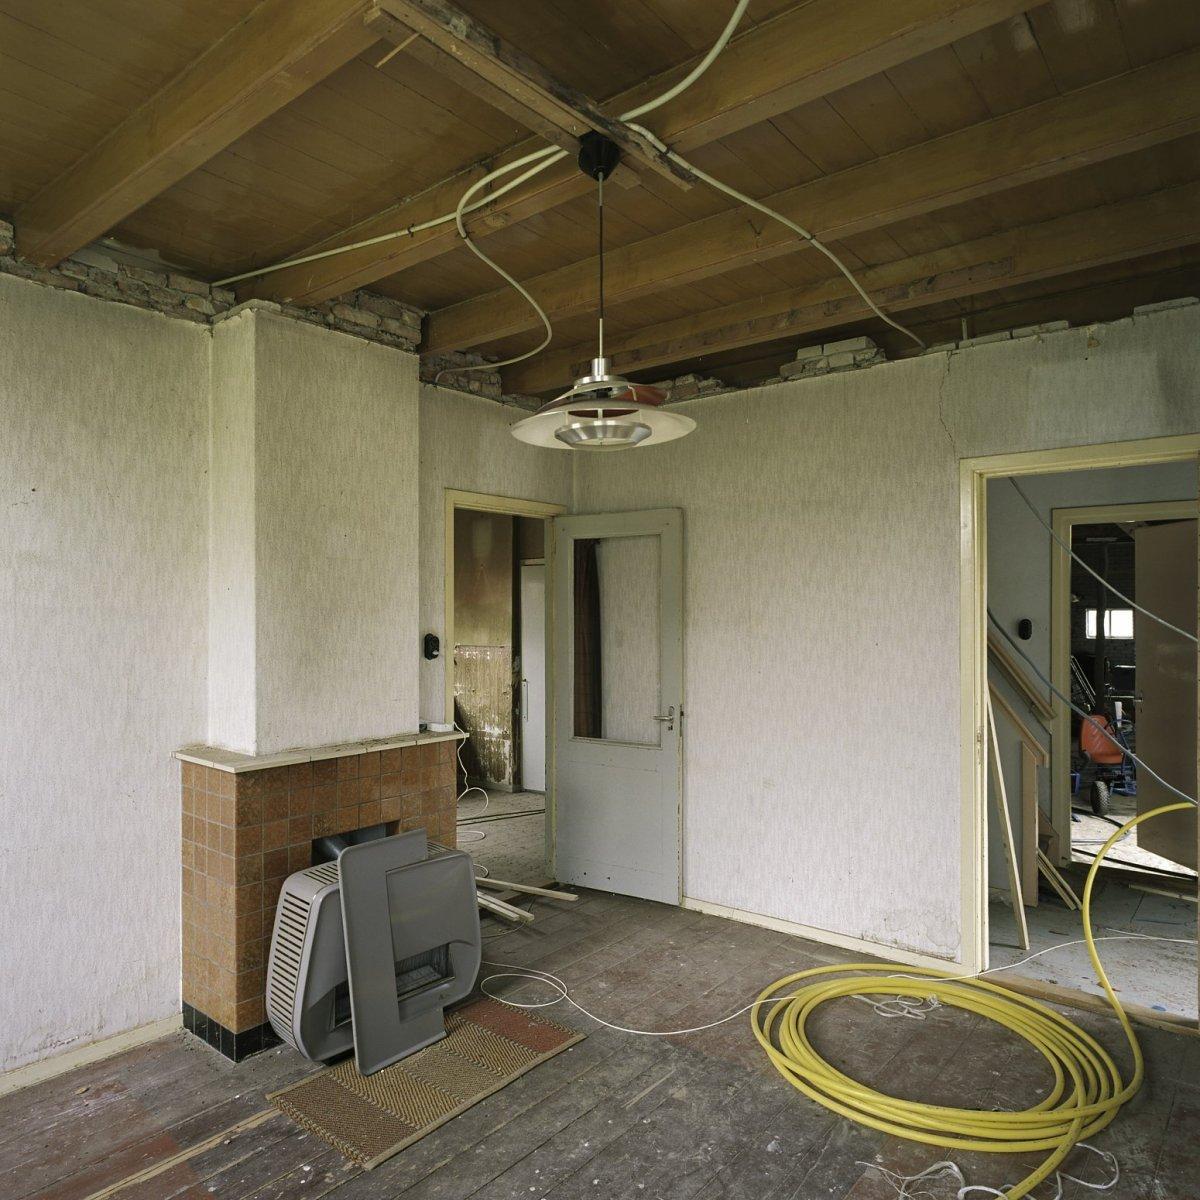 File interieur overzicht van de woonkamer met een schouw for Interieur woonkamer